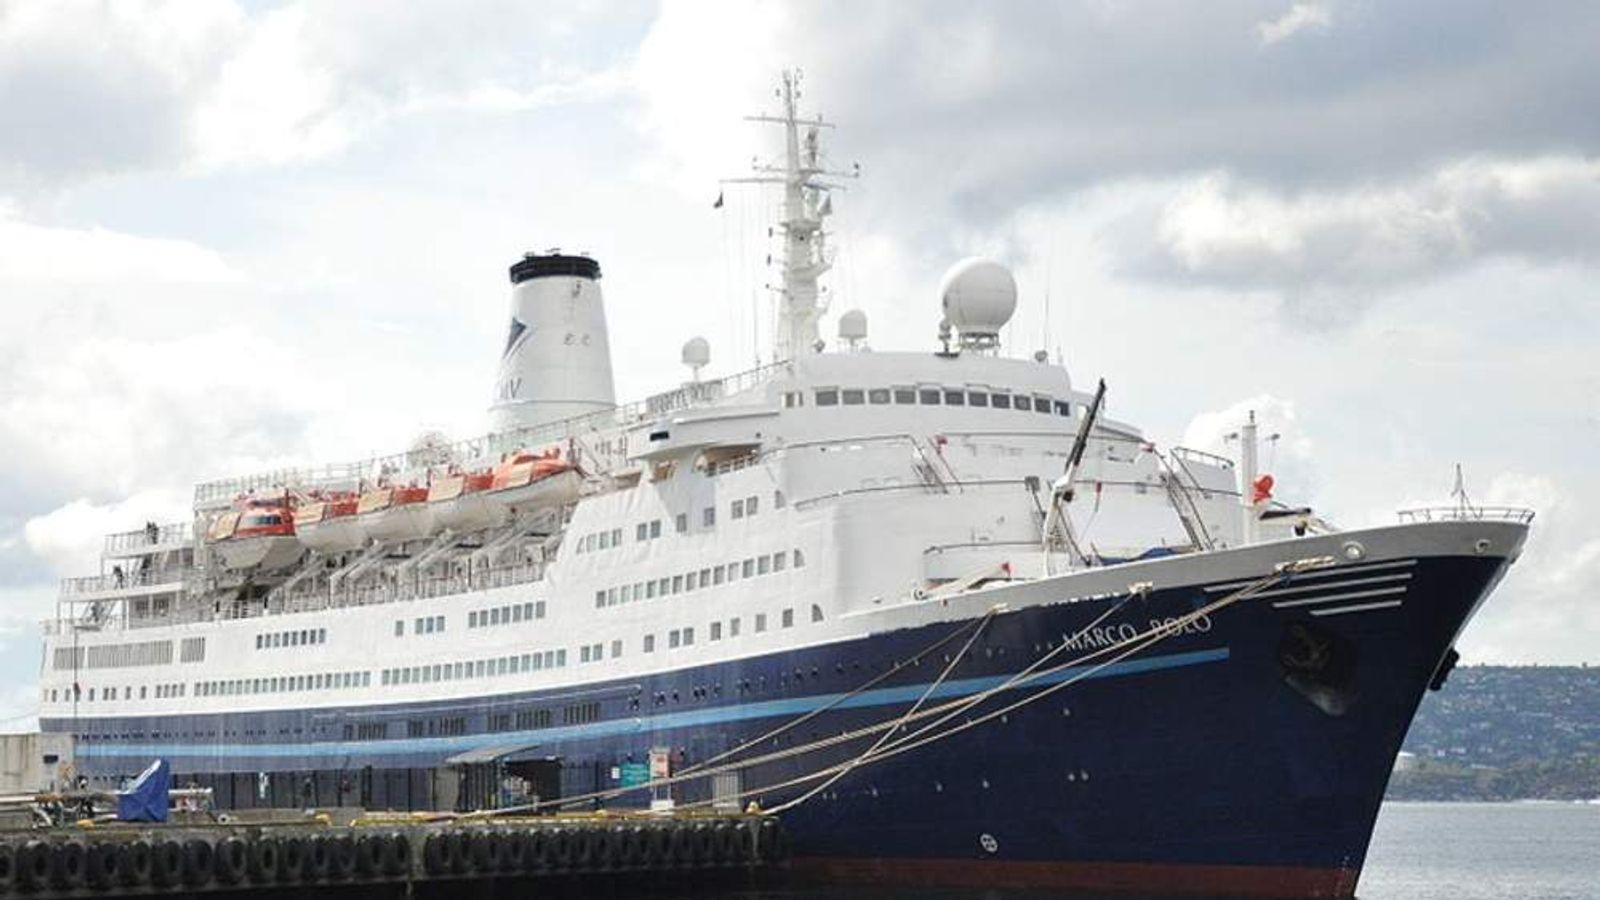 The Marco Polo ship